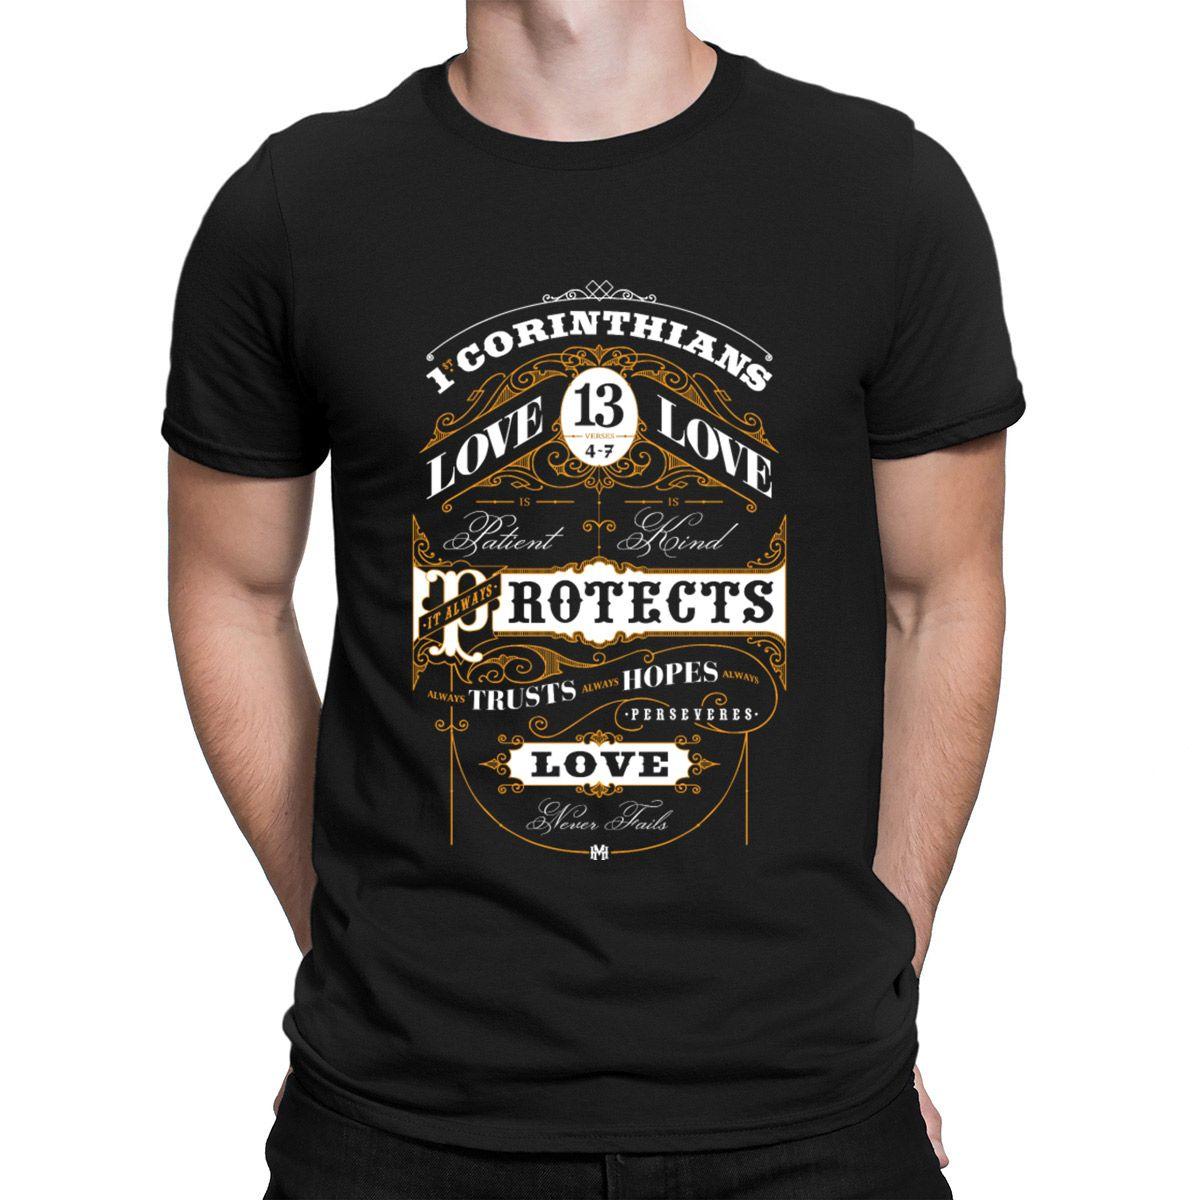 Corinthiens Livres Lovers T-shirt cool 2018 de Slim Fit personnalisés hommes Dernières Fitness Tee Top Anlarach coton